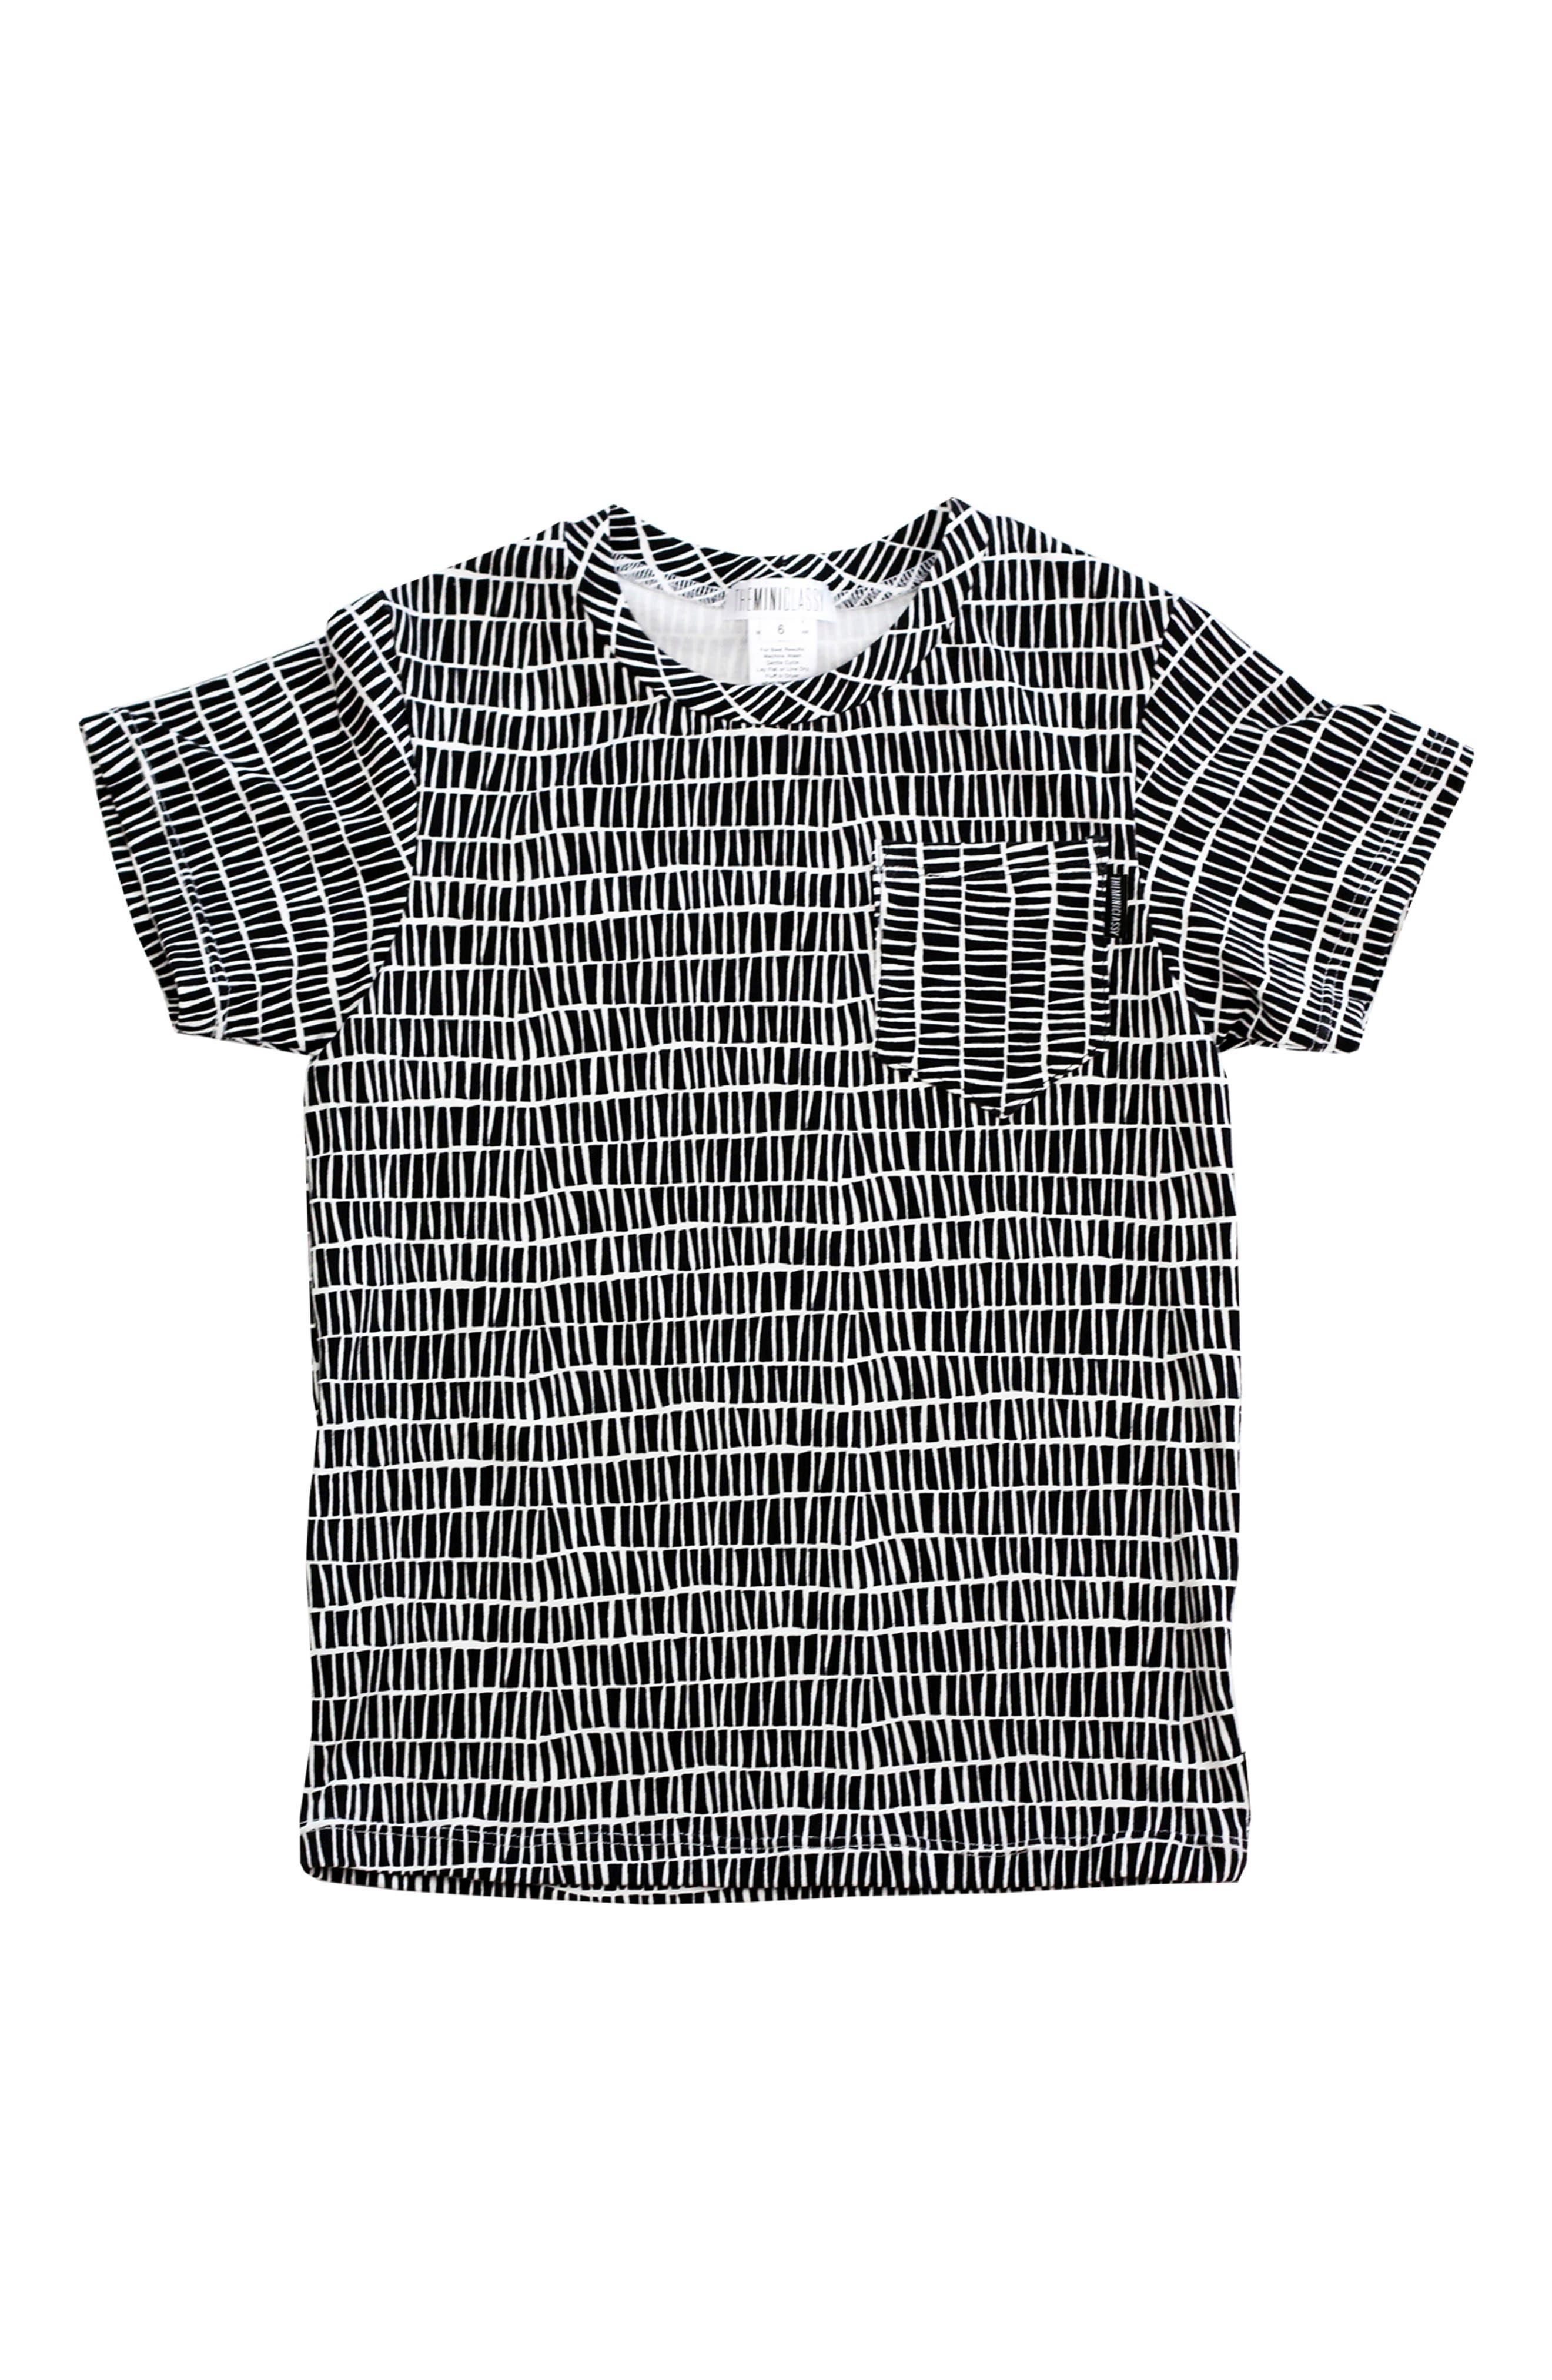 The Stix T-Shirt,                             Main thumbnail 1, color,                             Black/ White